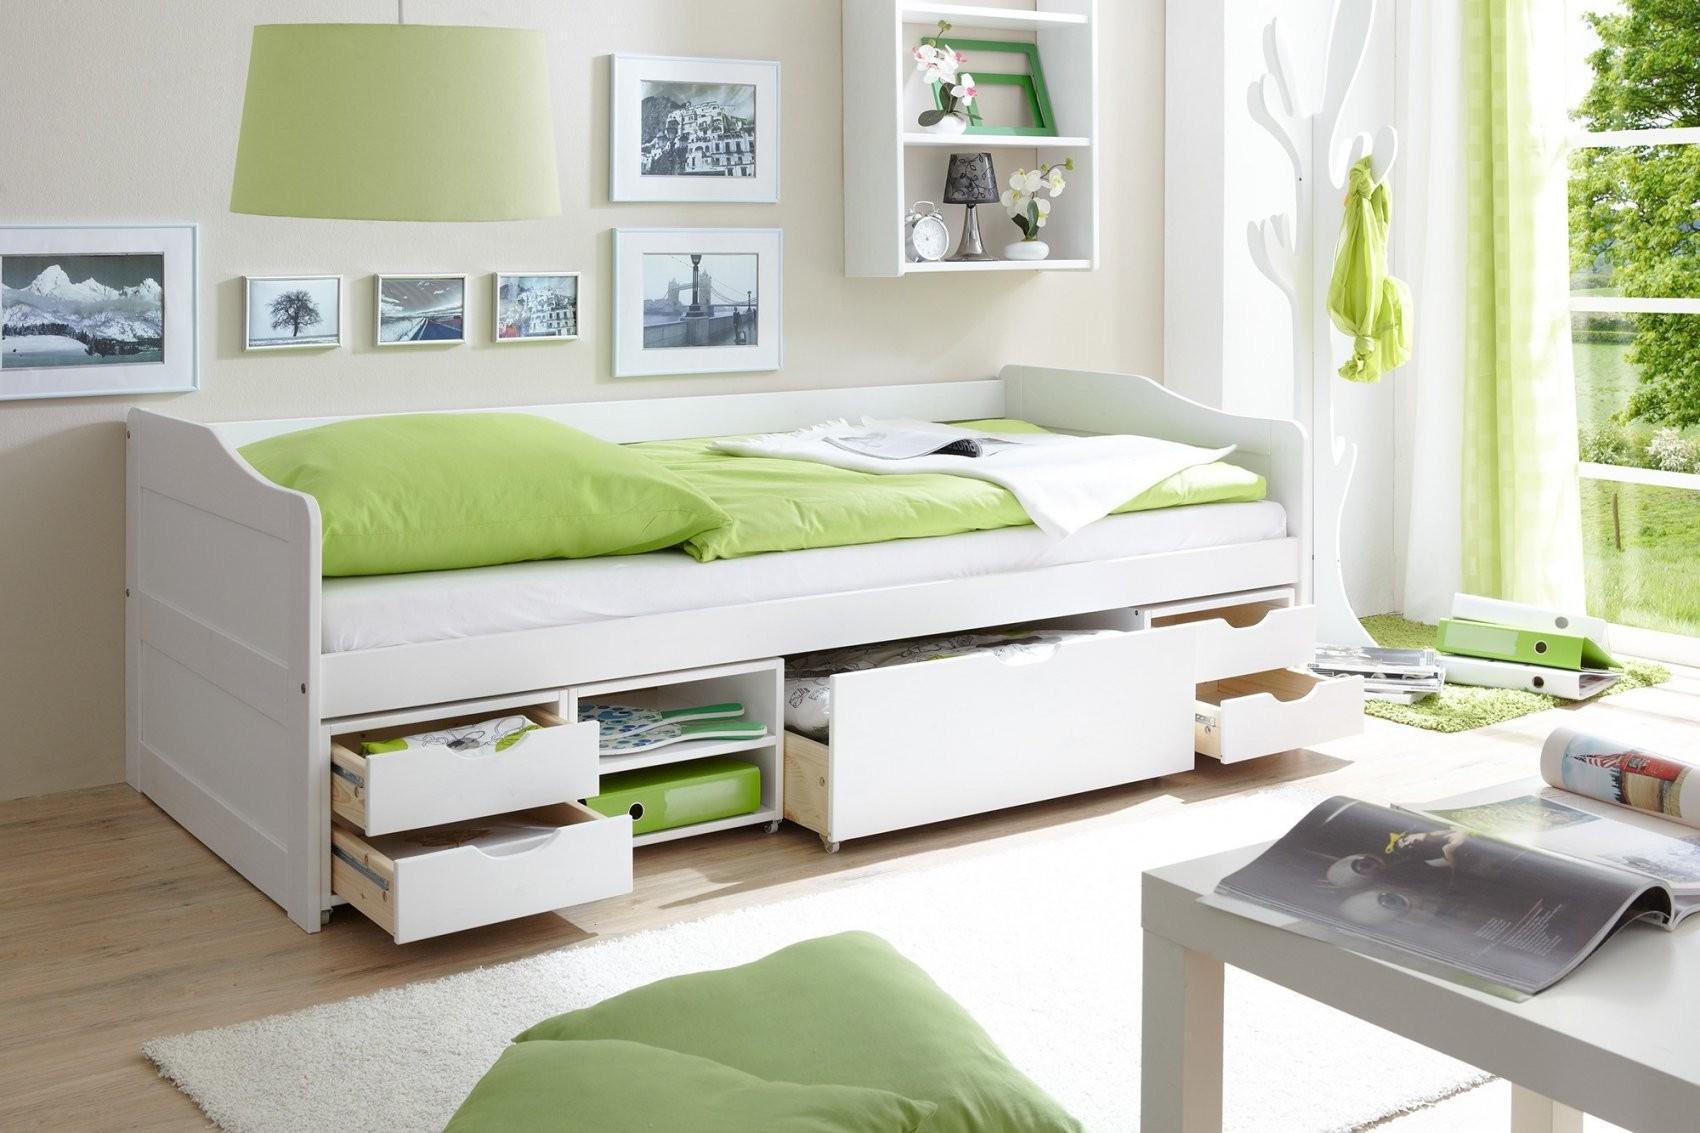 Jugendbett Mit Bettkasten  Schubladen Günstig Online Kaufen  Real von Weißes Bett Mit Schubladen Photo